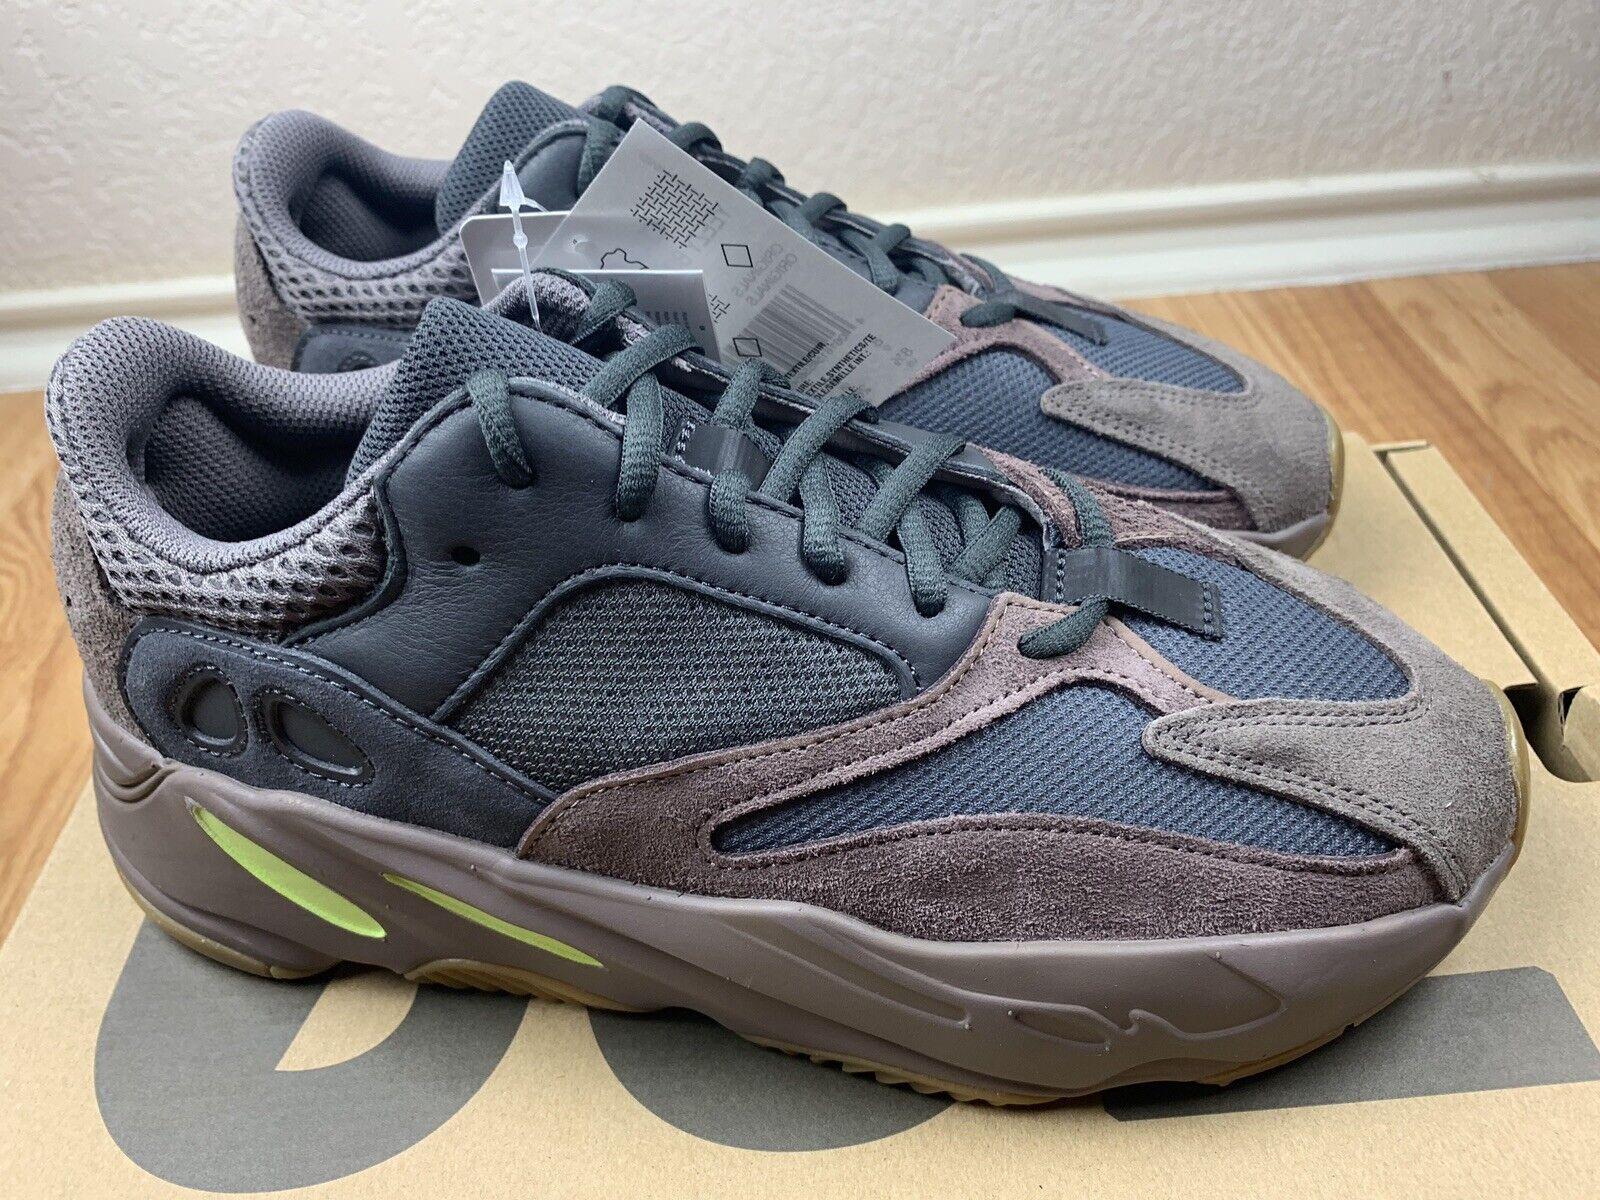 adidas Yeezy 700 Mauve Ee9614 Size 8.5